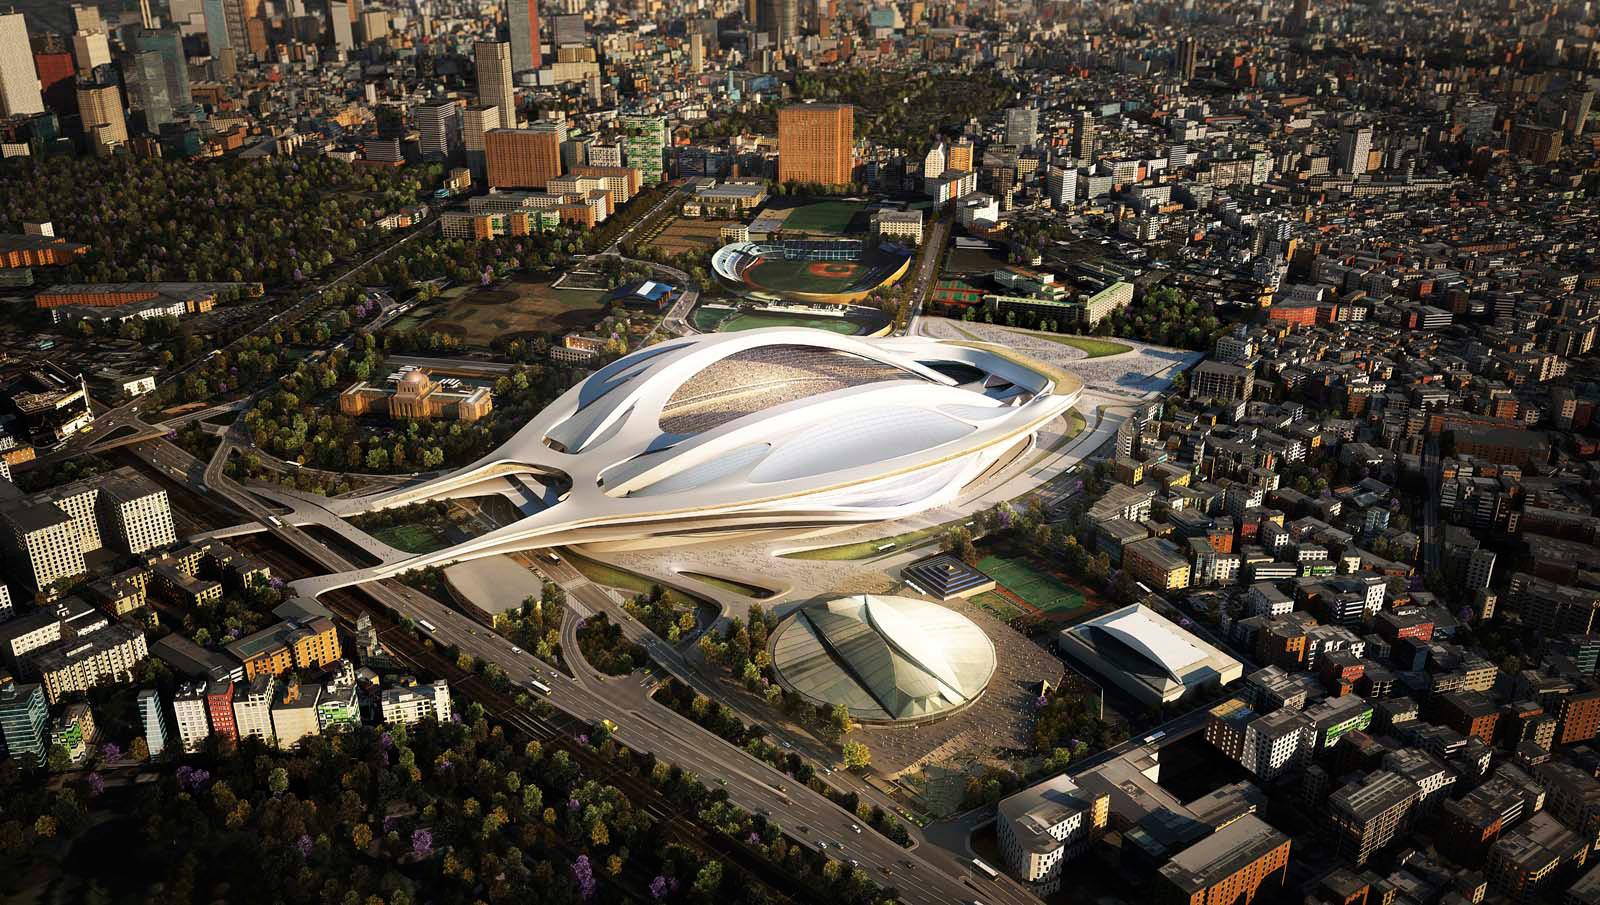 Diseño de Zaha Hadid Architects de Gran Bretaña para el nuevo Estadio Nacional de Tokio, el cual se utilizará como la sede principal de los Juegos Olímpicos de 2020. Fuente: AD